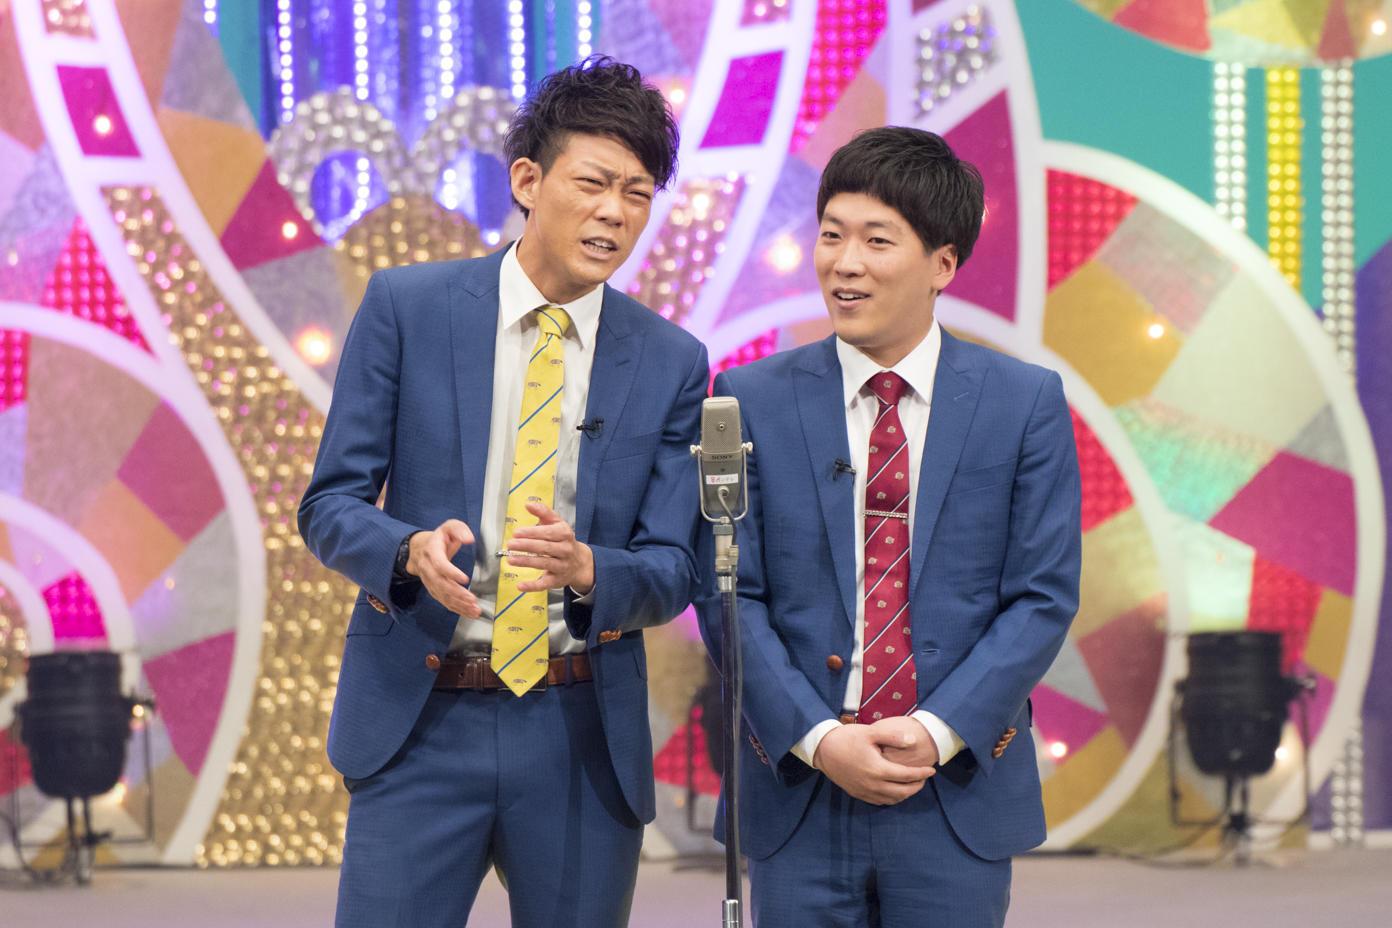 http://news.yoshimoto.co.jp/20170507223821-c8bf29dd38c2acd051ca51a00ceb0ae055754dfc.jpg